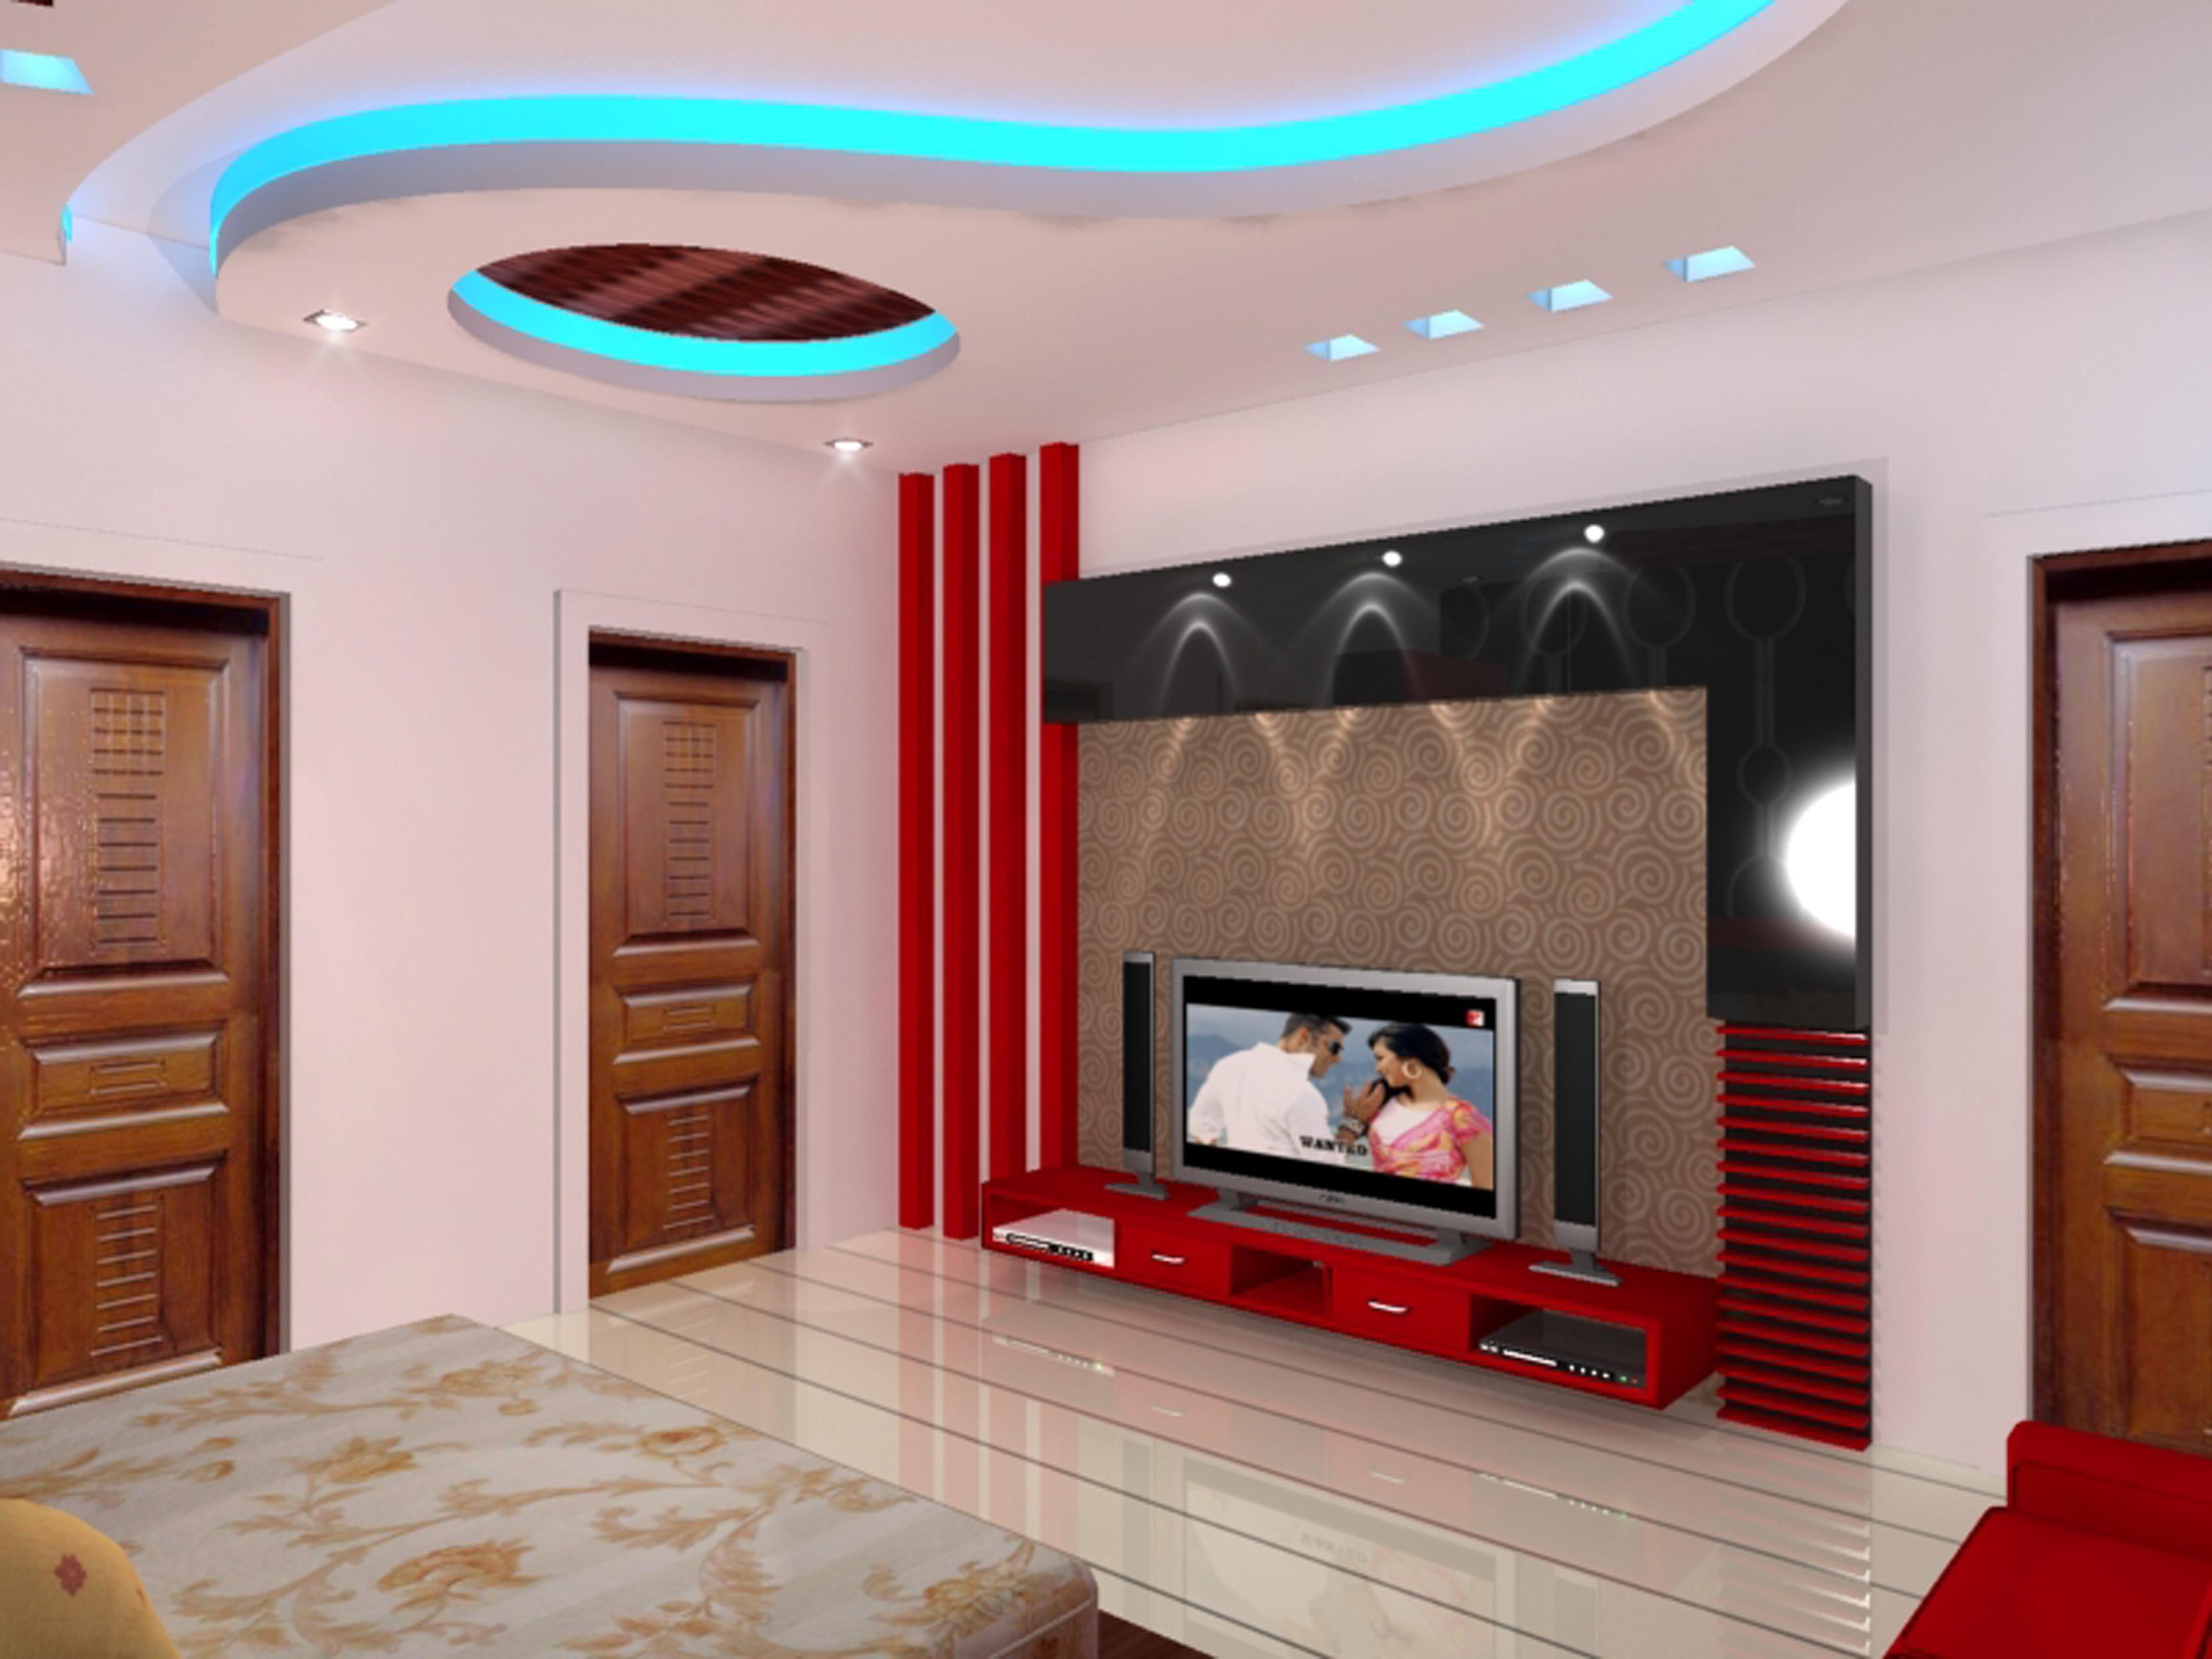 Best Kitchen Gallery: Bedroom Large Blue Master Bedroom Decor Vinyl Area Rugs L of For Ceiling Design Home  on rachelxblog.com